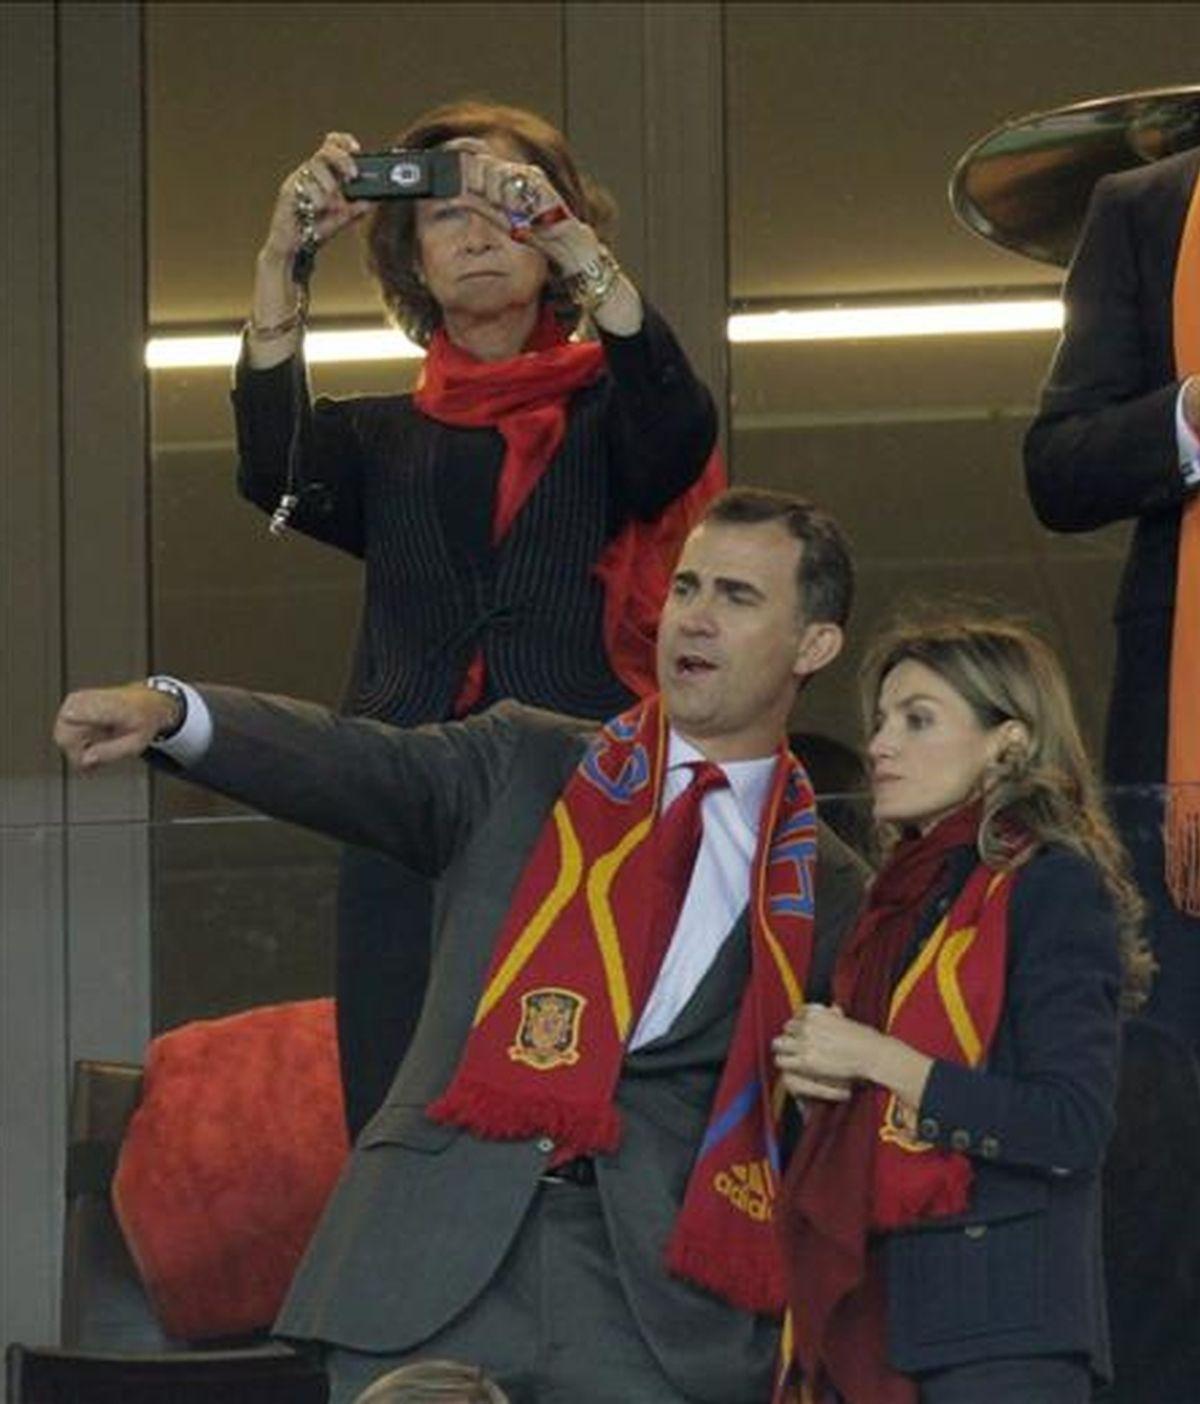 La reina doña Sofía,atrás,acompañada de los Príncipes de Asturias. Vídeo: Informativos Telecinco.